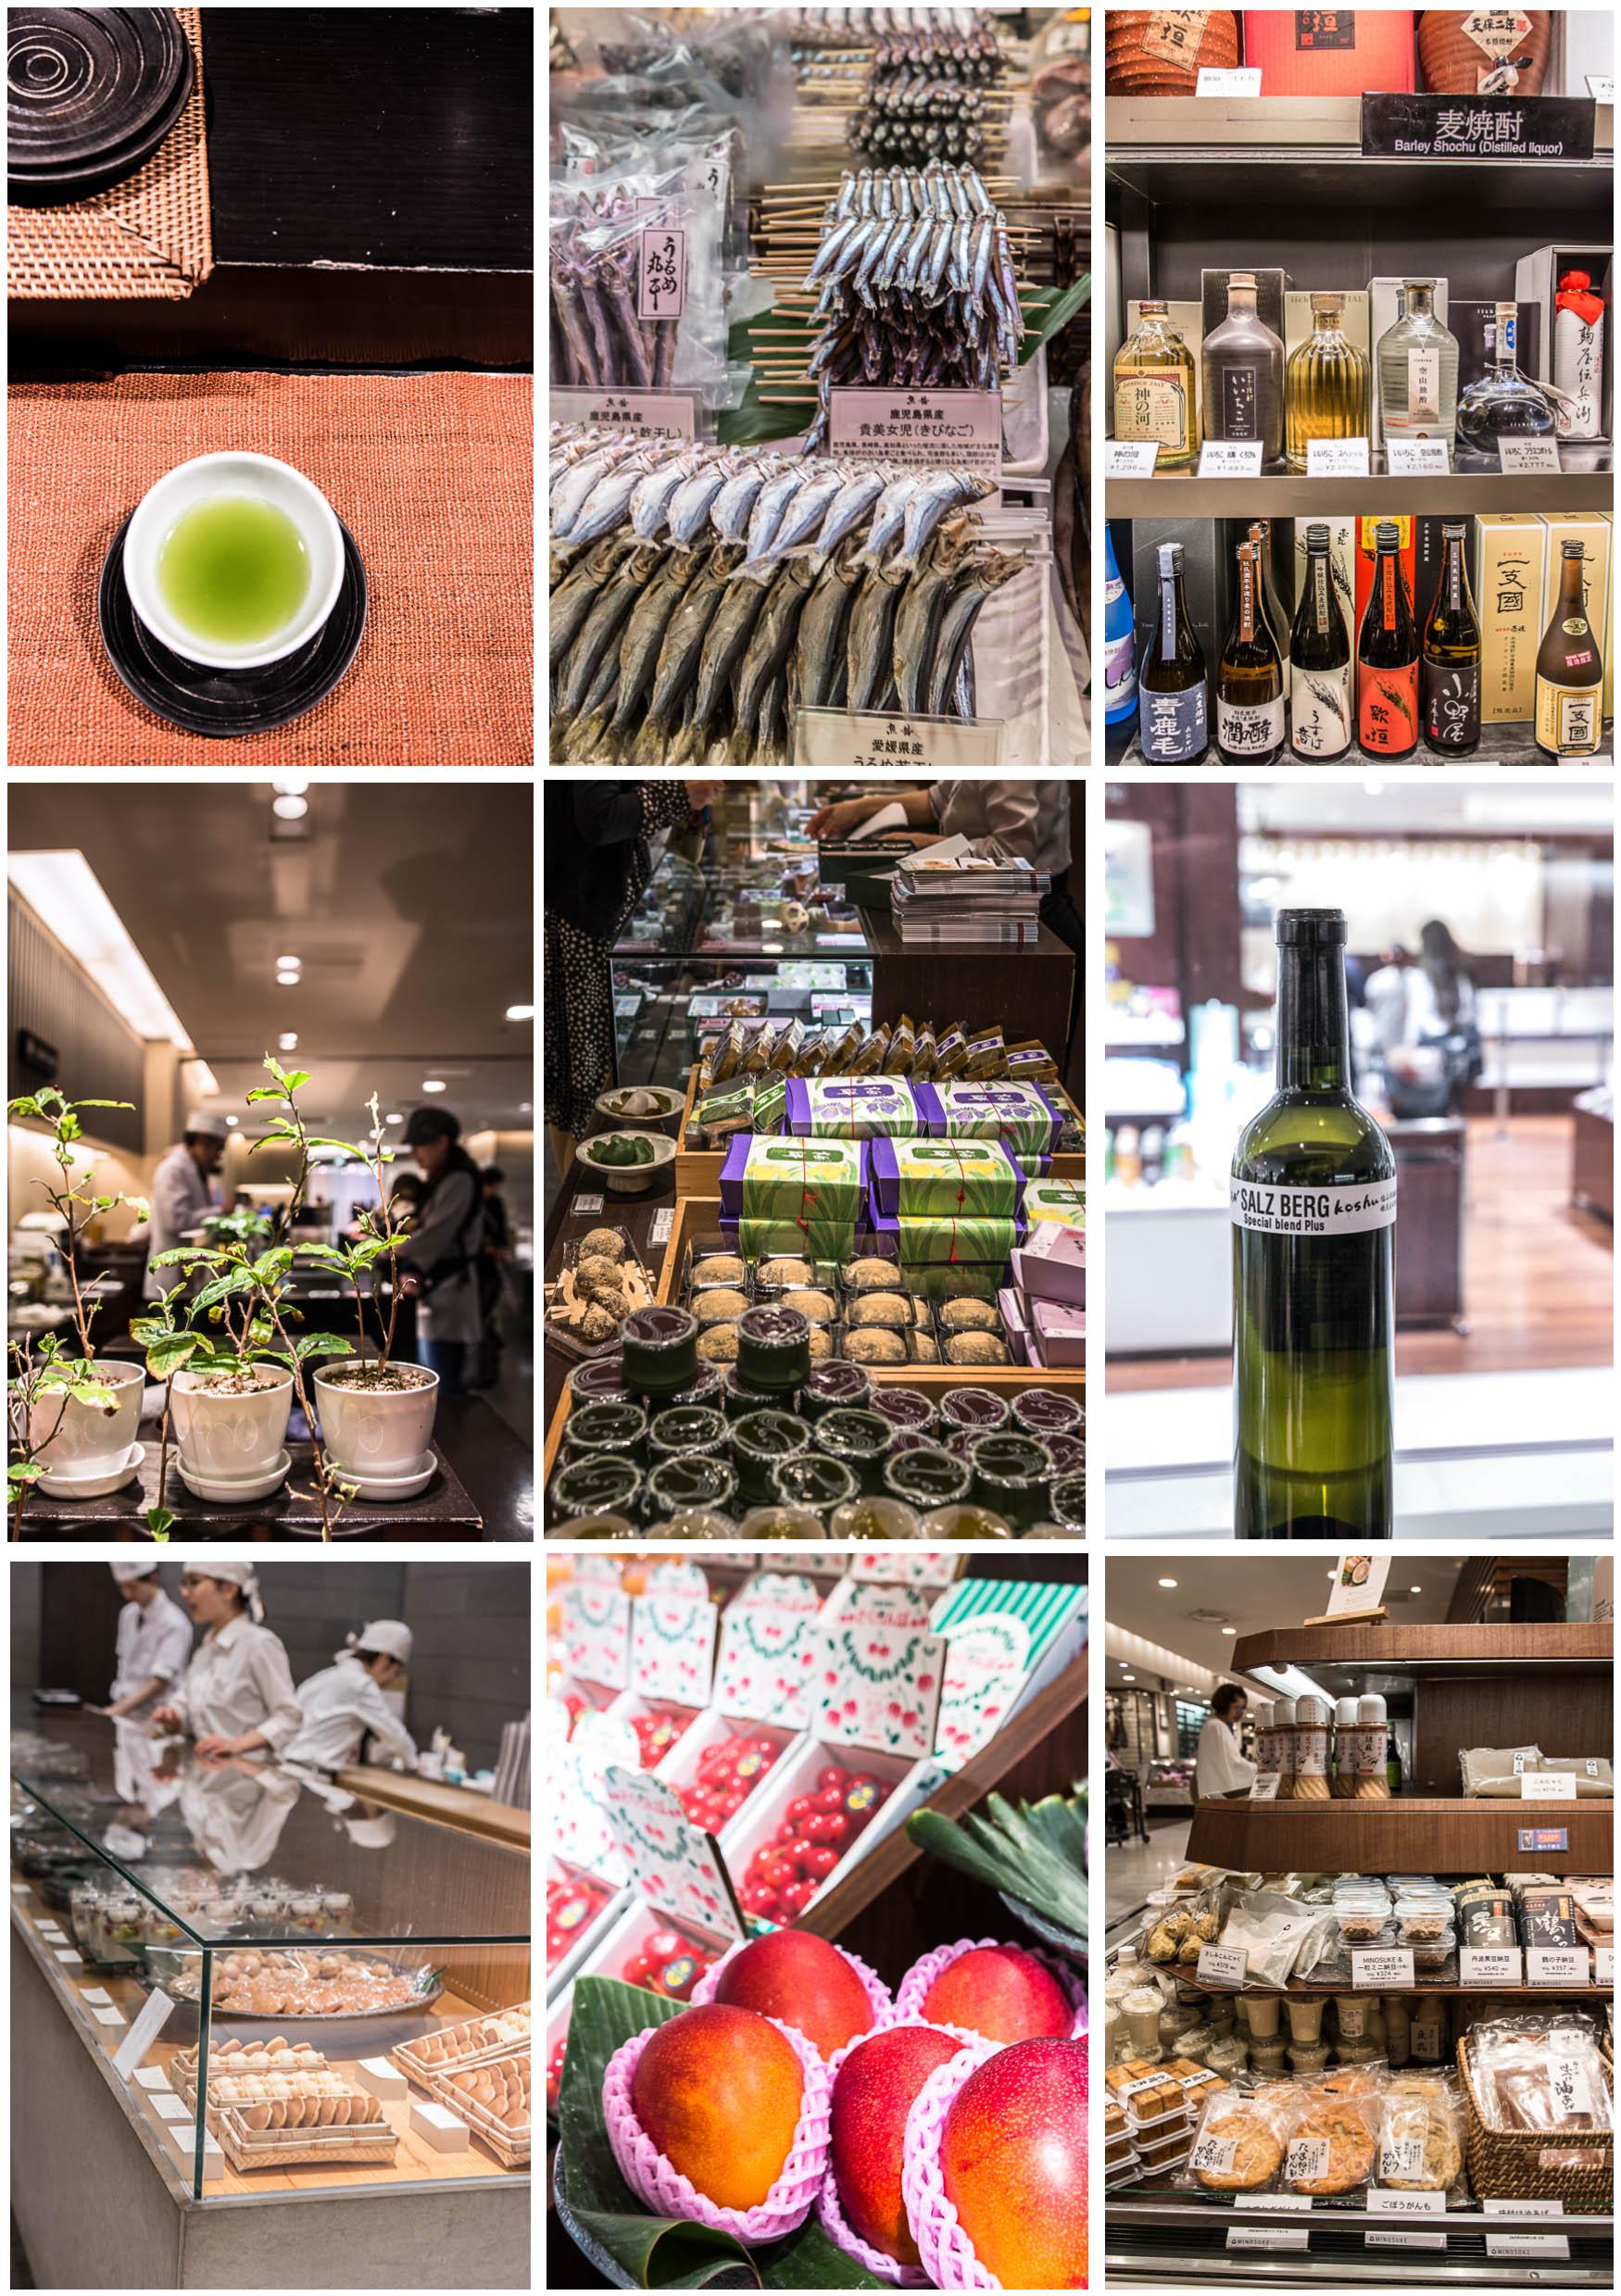 [The Tokio Food Files #6] Culinary Heaven – die Feinkostabteilung des Luxuskaufhauses Isetan